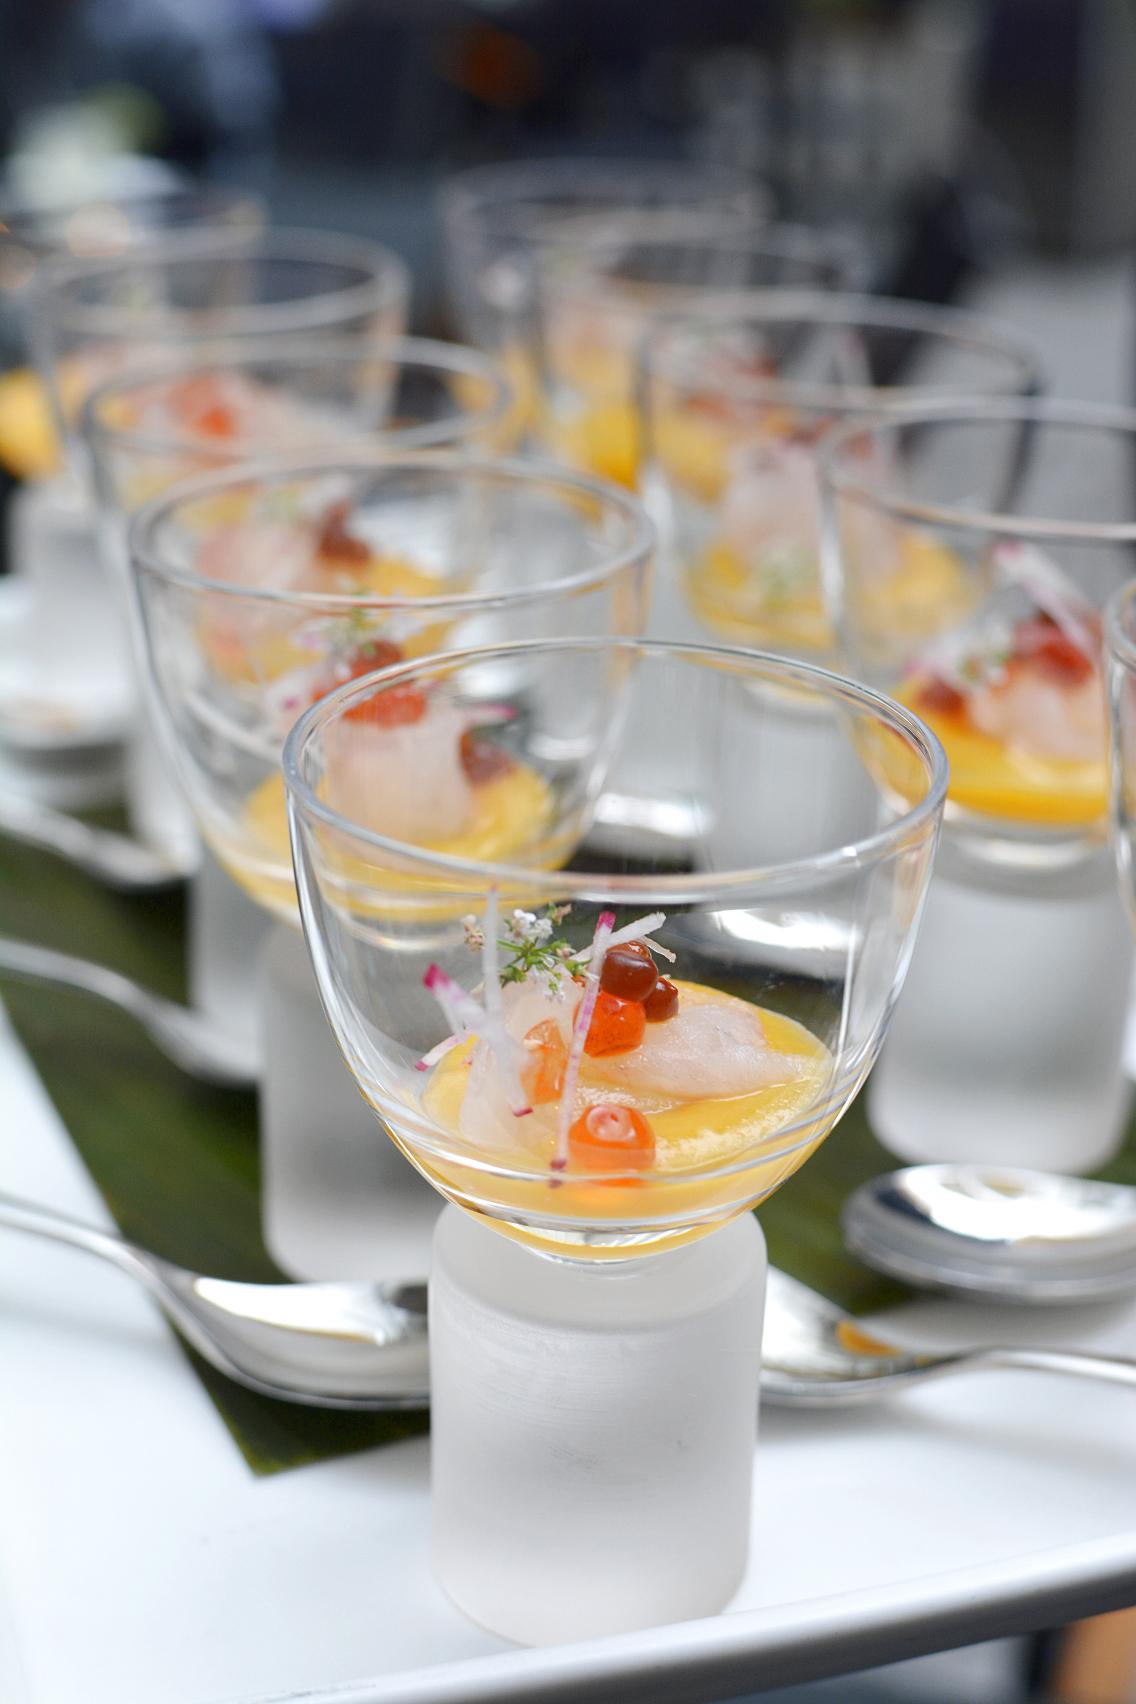 Sofitel Chicago Fluke Sashimi with Apricot jus